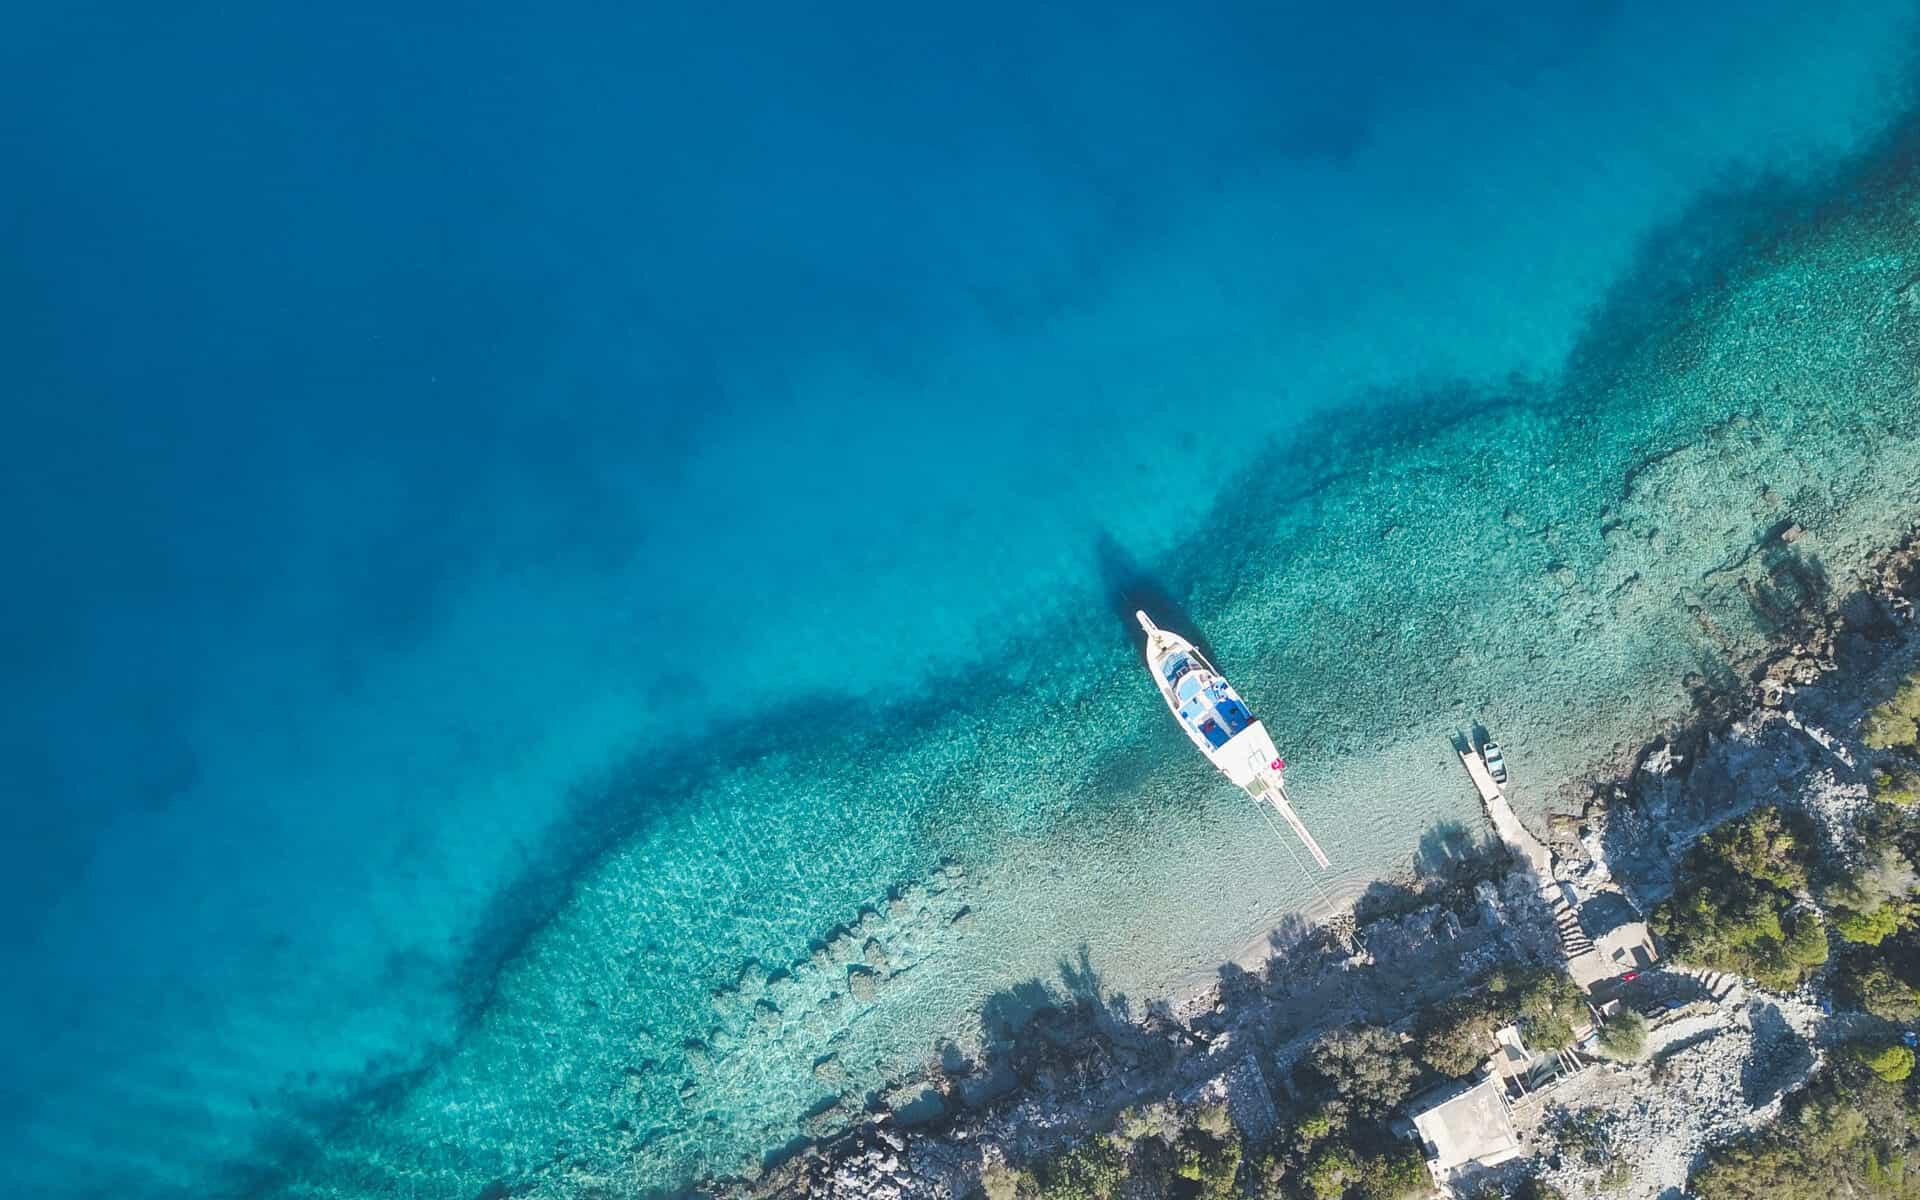 Vista aérea do mar de Oludeniz com um barco ancorado no pequeno pier.